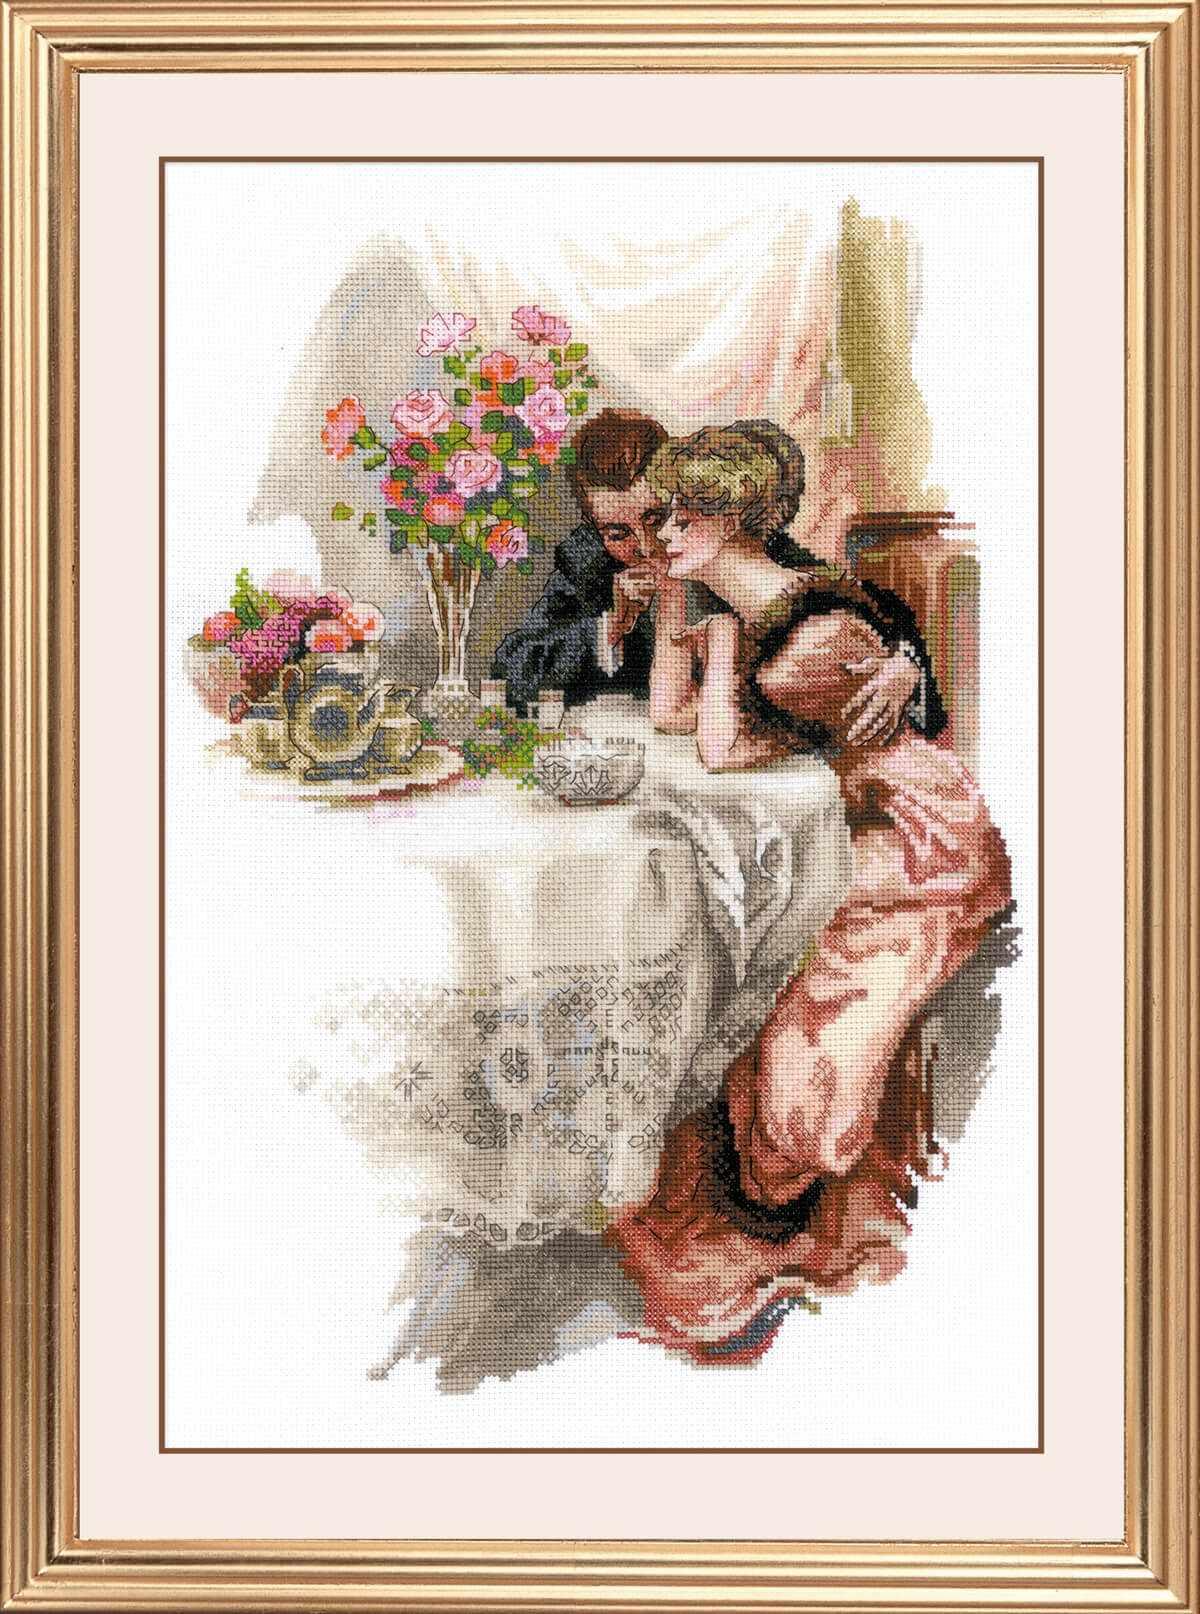 """1774 """"Первый вечер в собственном доме"""" по мотивам картины Х. Фишера"""""""